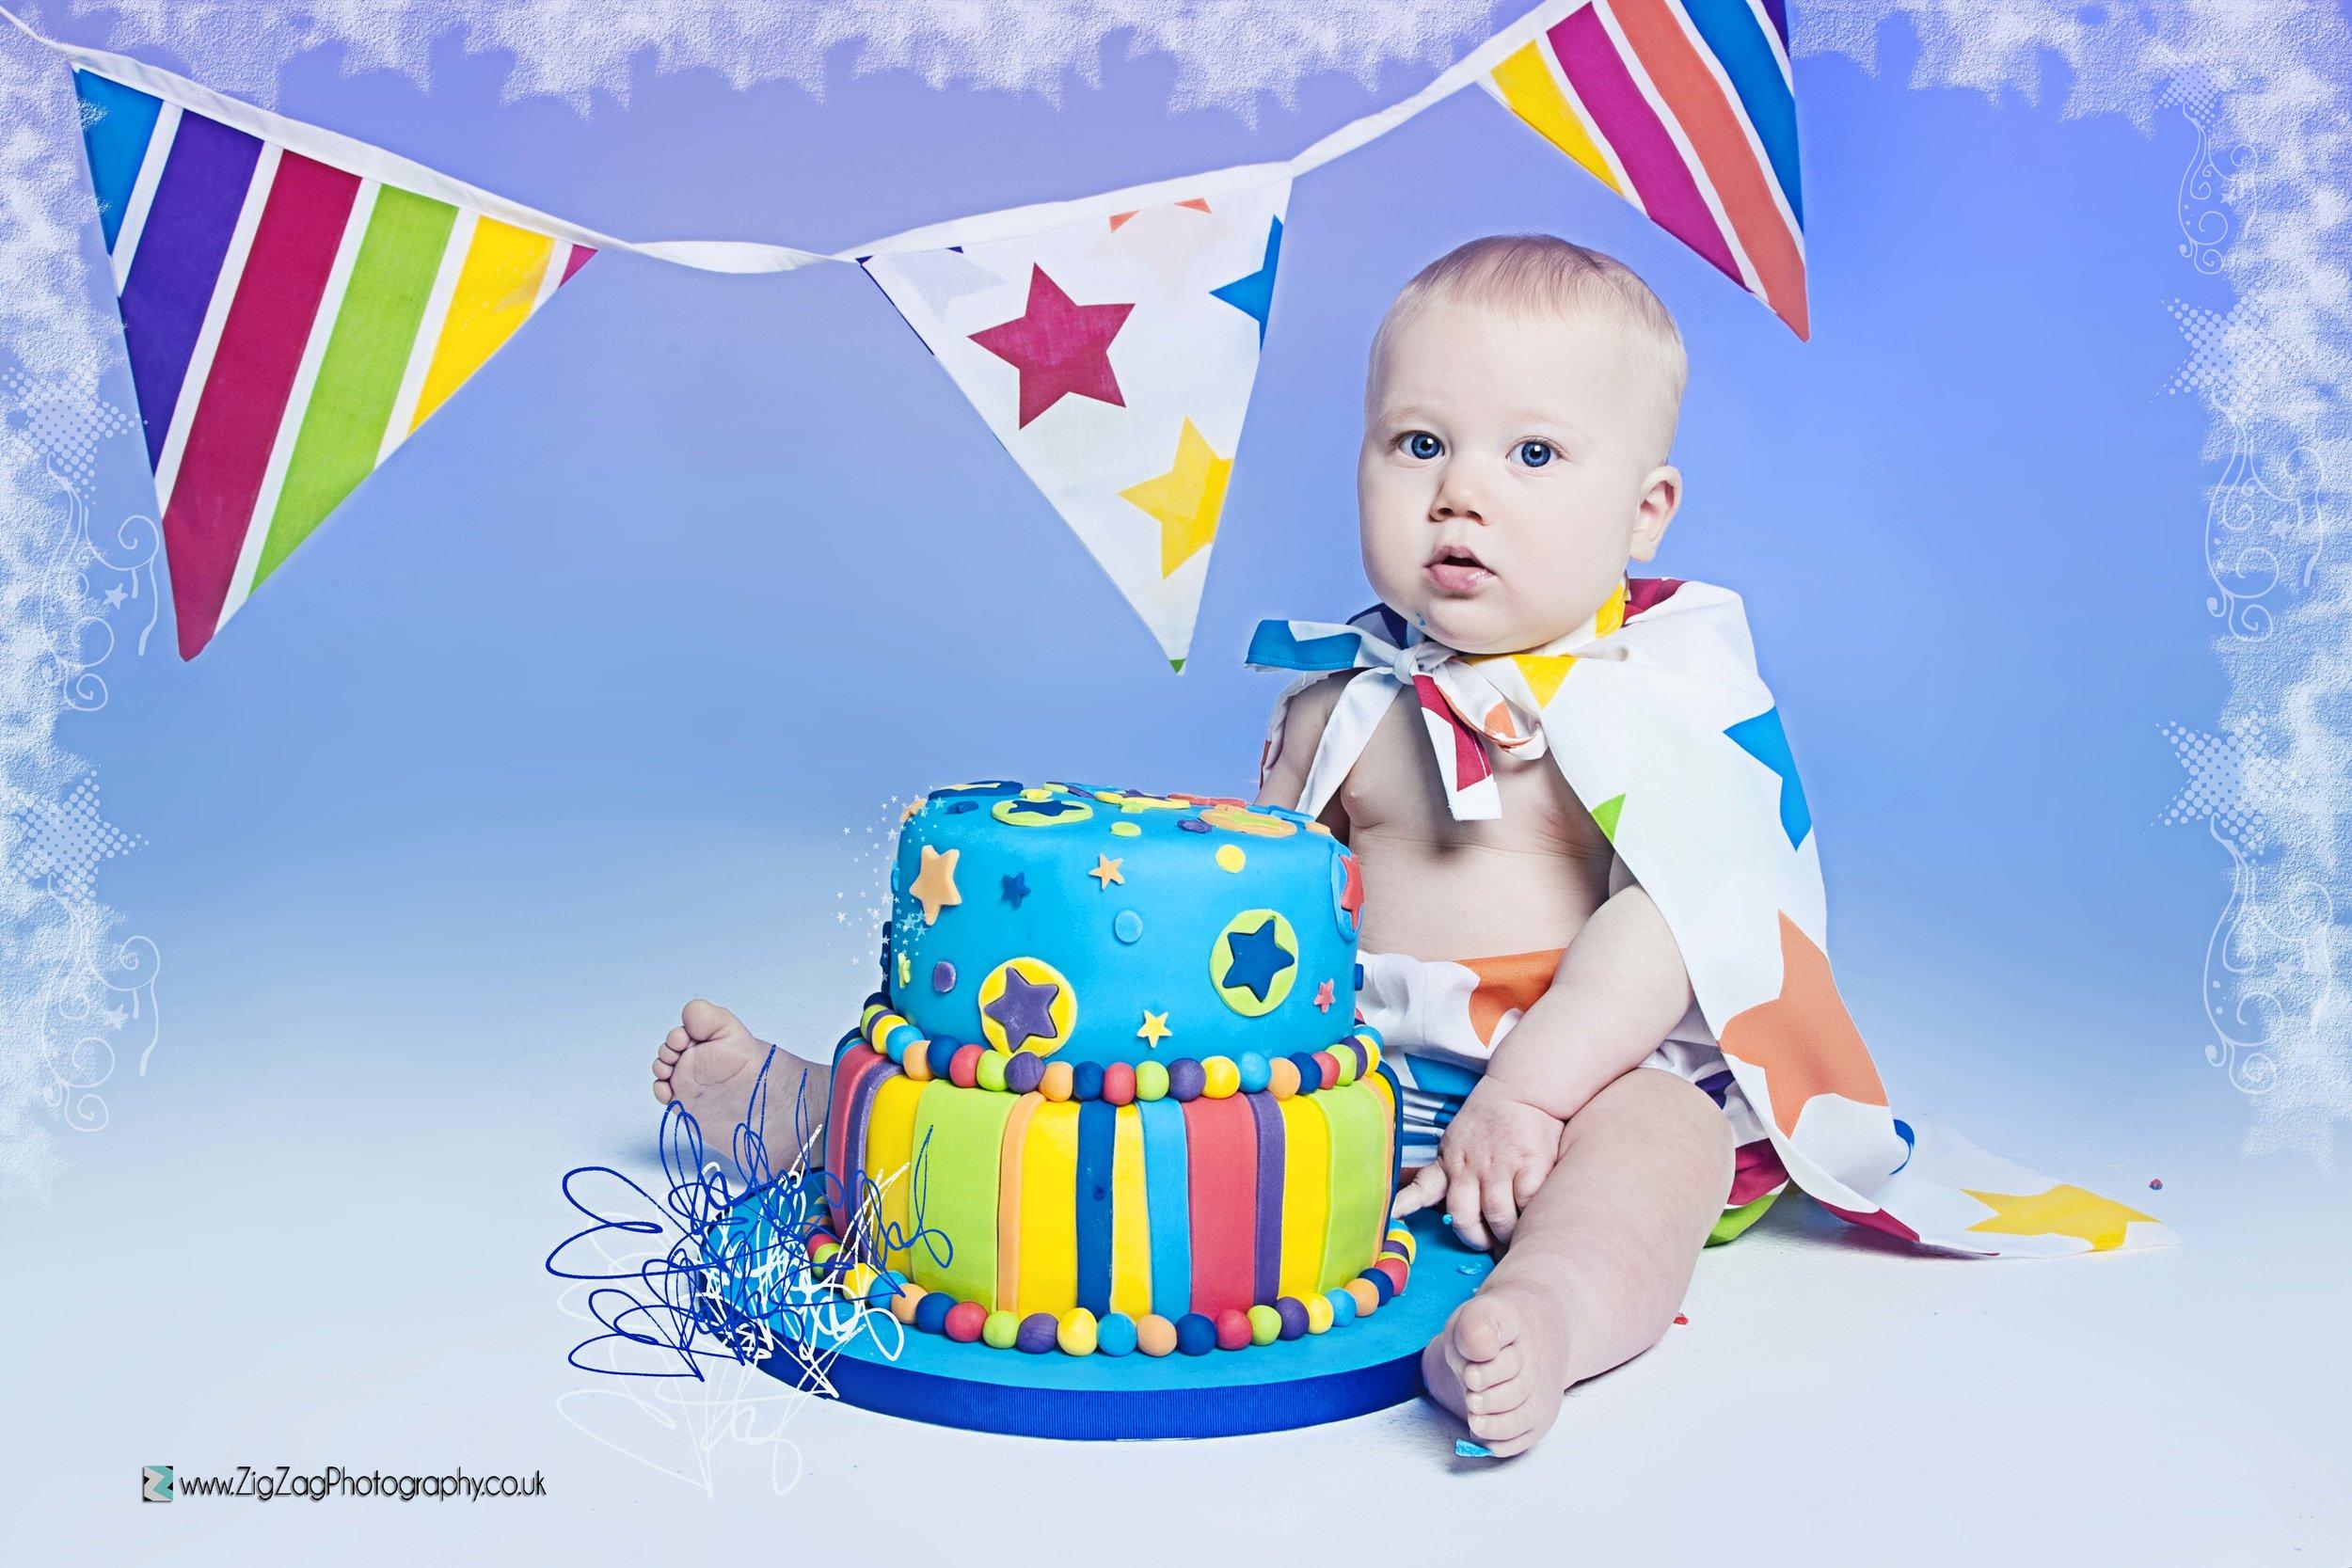 photography-session-leicester-photoshoot-studio-zigzag-cakesmash-cake-smash-buntin-celebrate-birthday-blue-boy-baby-colourful-.jpg